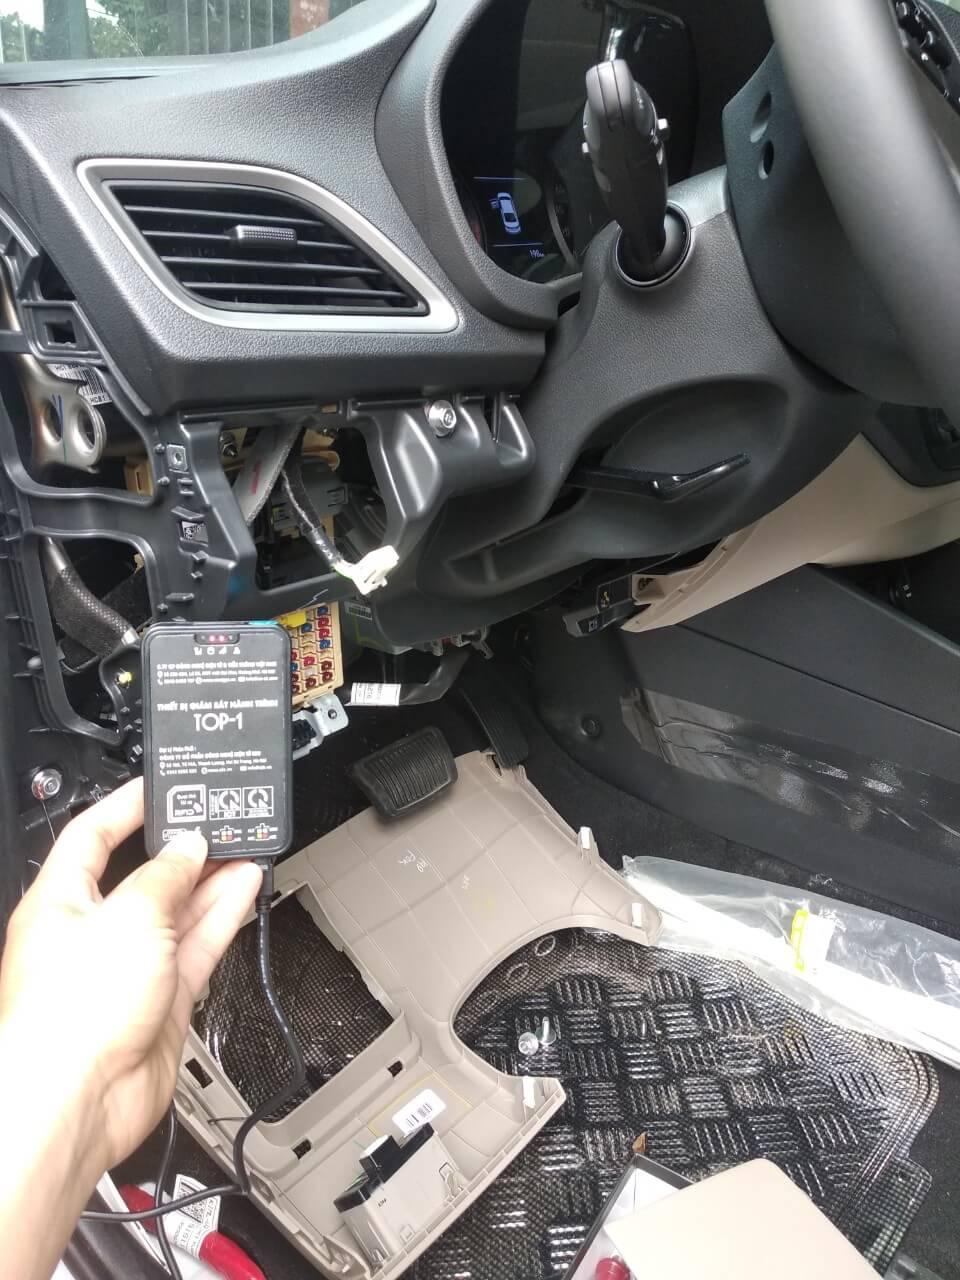 thiết bị giám sát hành trình xe tải